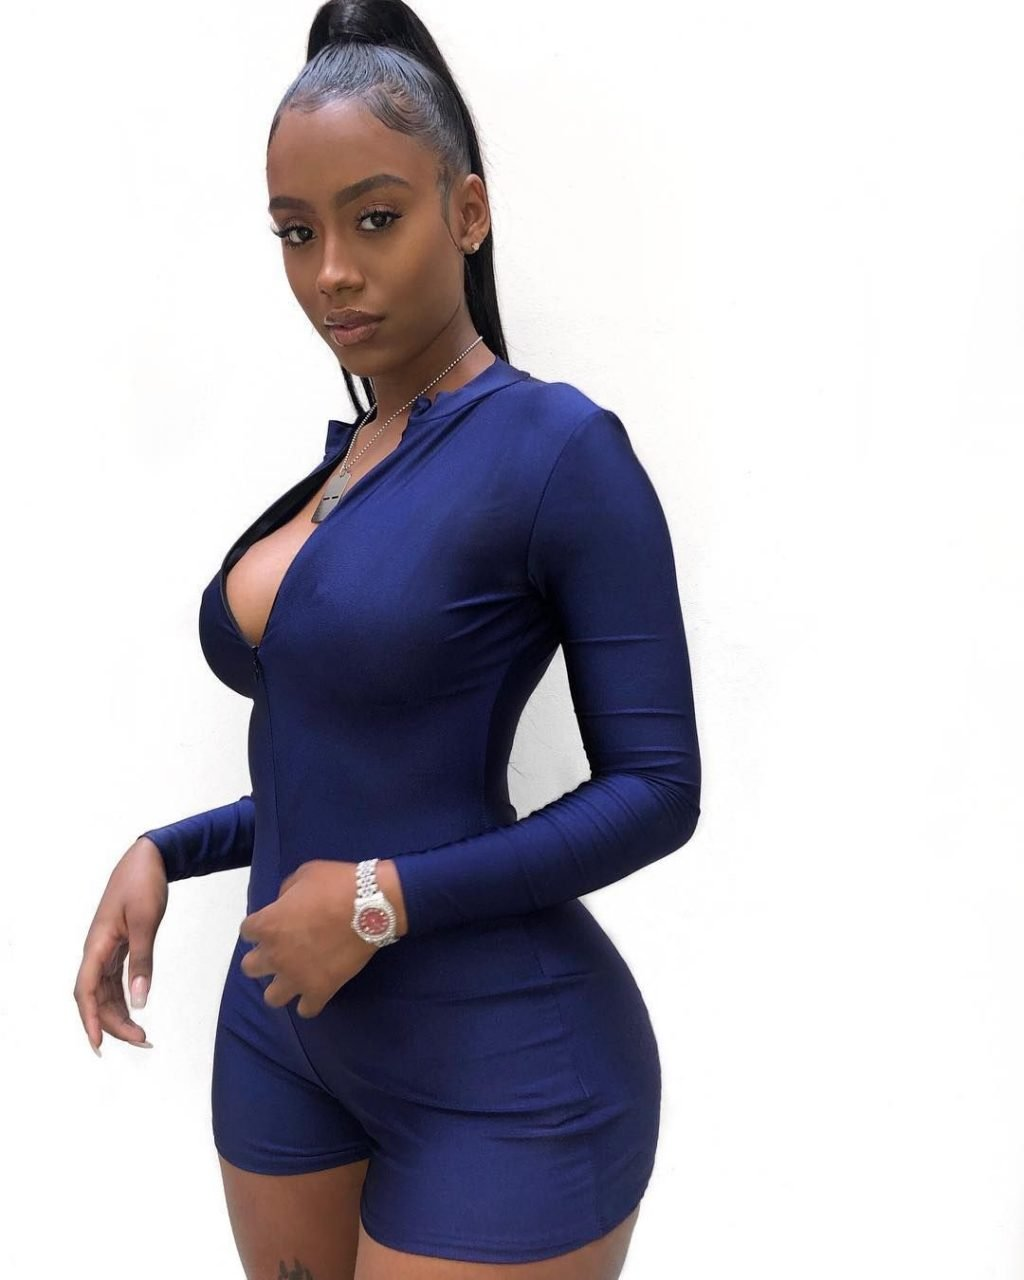 Raven Tracy Sexy (52 Photos)